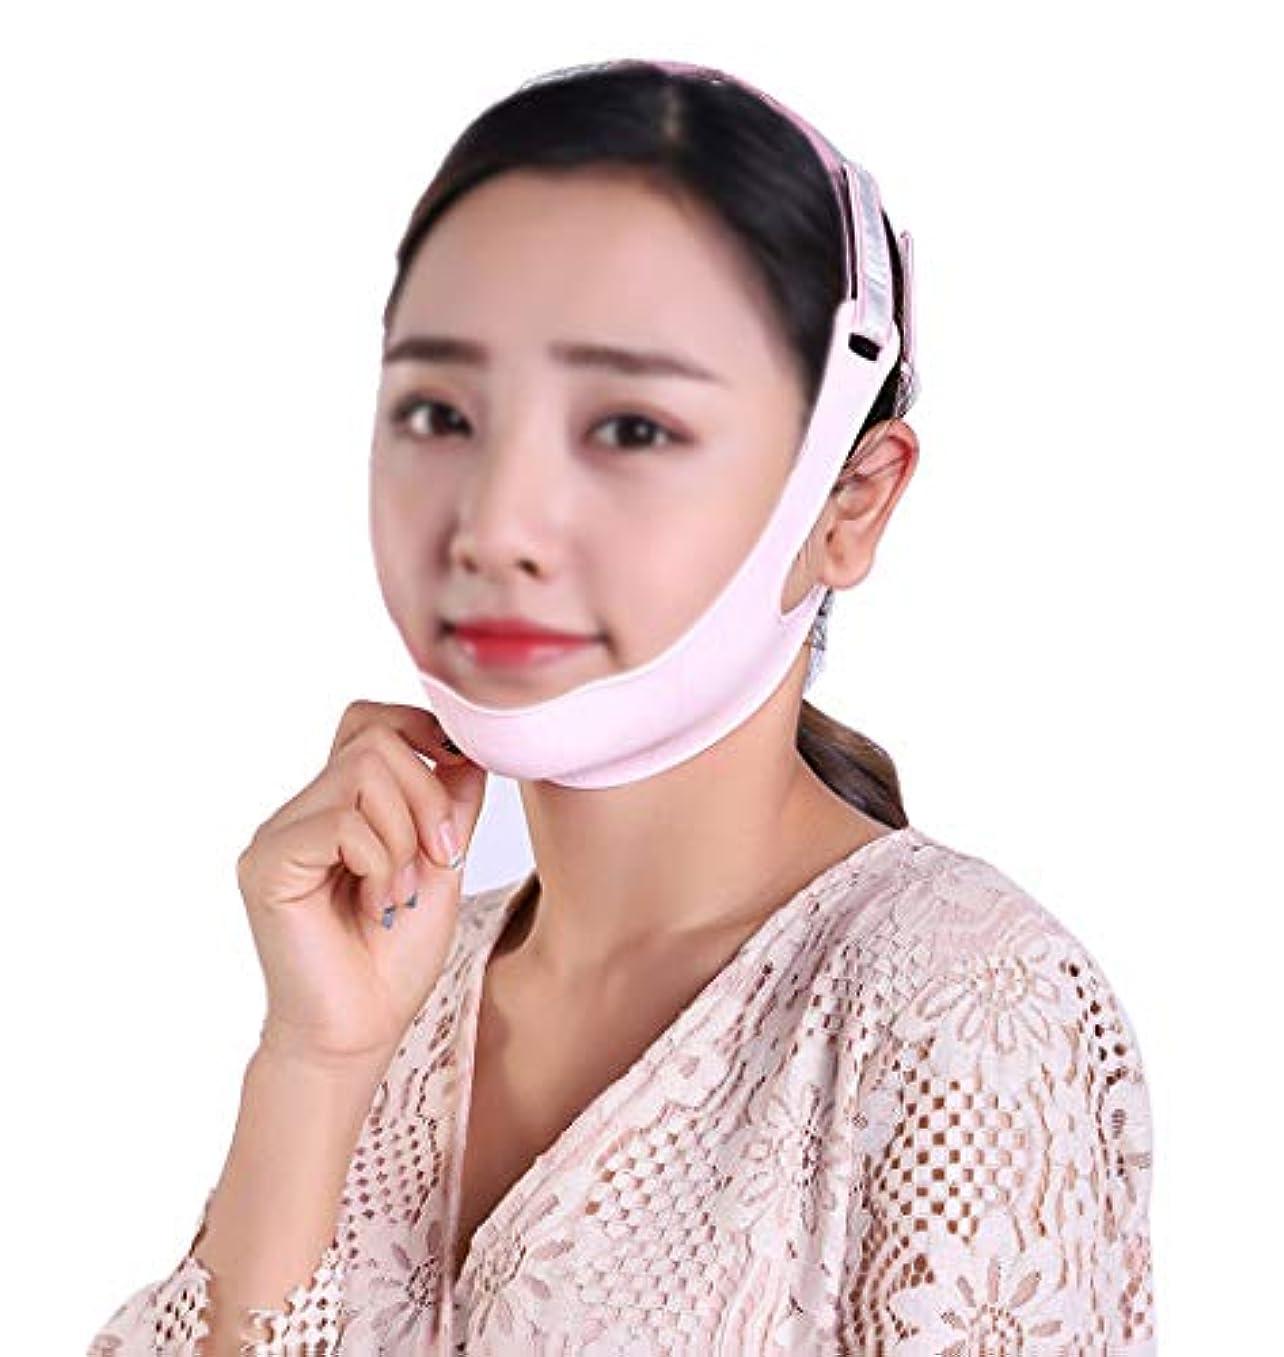 電気ルールドナーTLMY フェイシャルリフティングマスクシリコンVマスク引き締めフェイシャル包帯スモールVフェイスアーティファクト防止リラクゼーションフェイシャル&ネックリフティング 顔用整形マスク (Size : M)